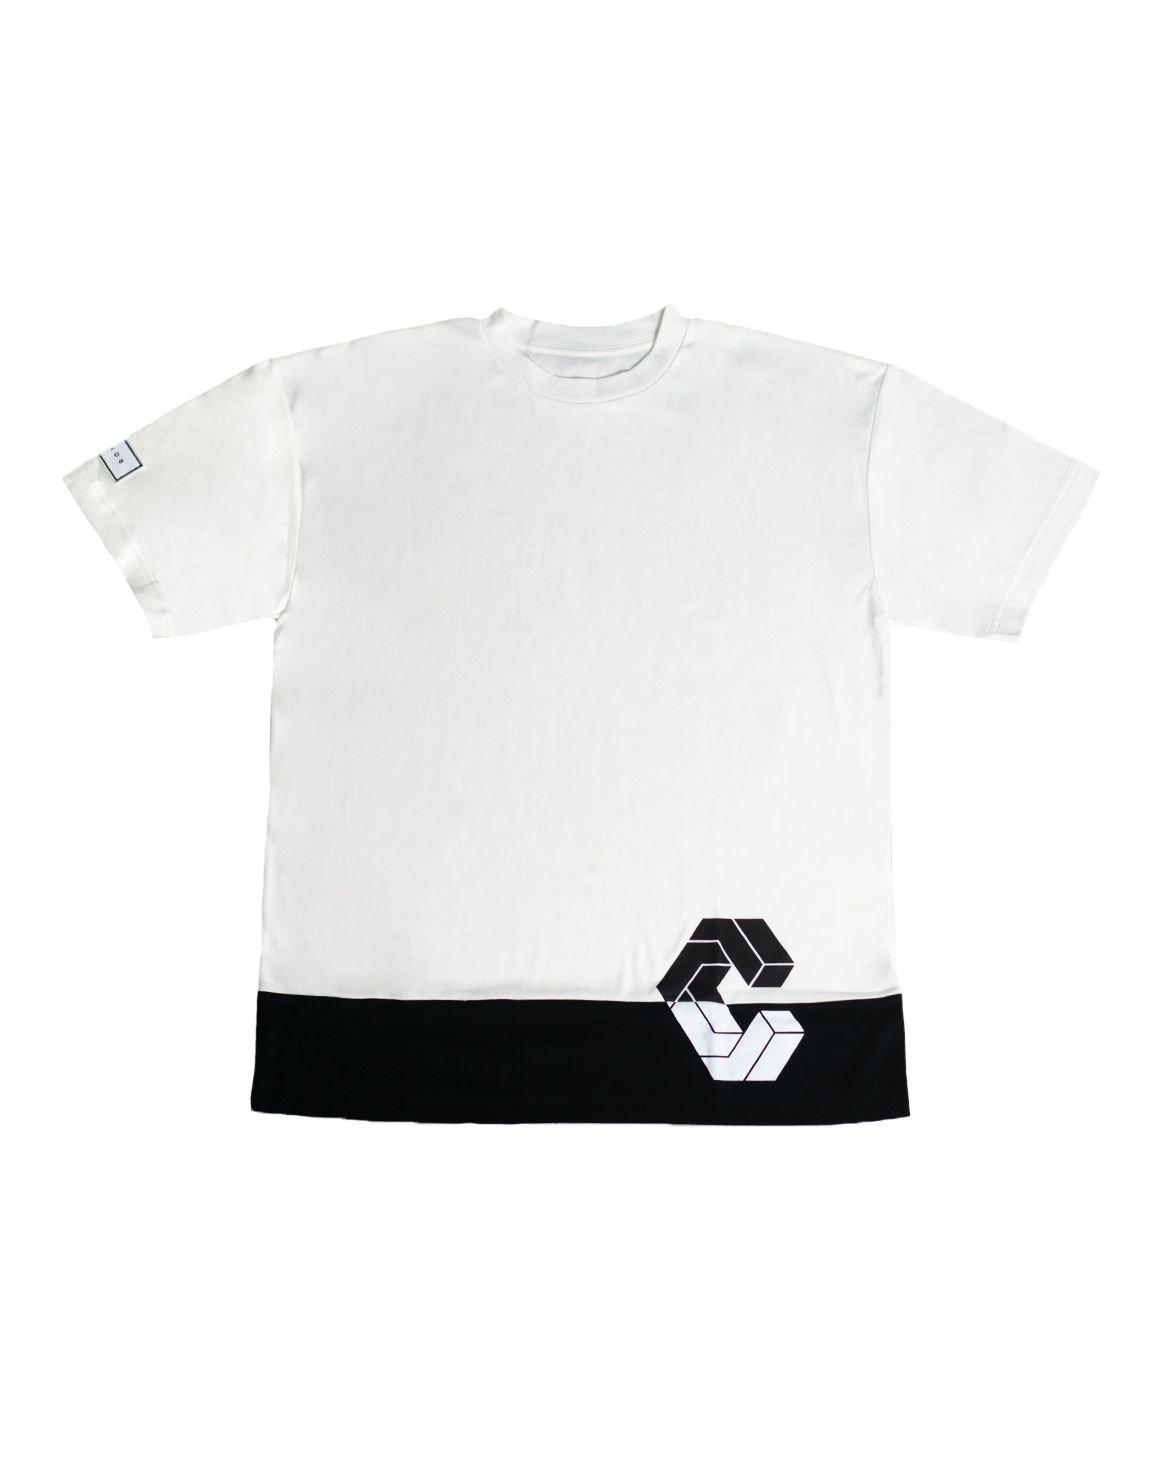 CRONOS MODE SIDE LOGO OVER SIZE T-SHIRTS【WHITE×BLACK】